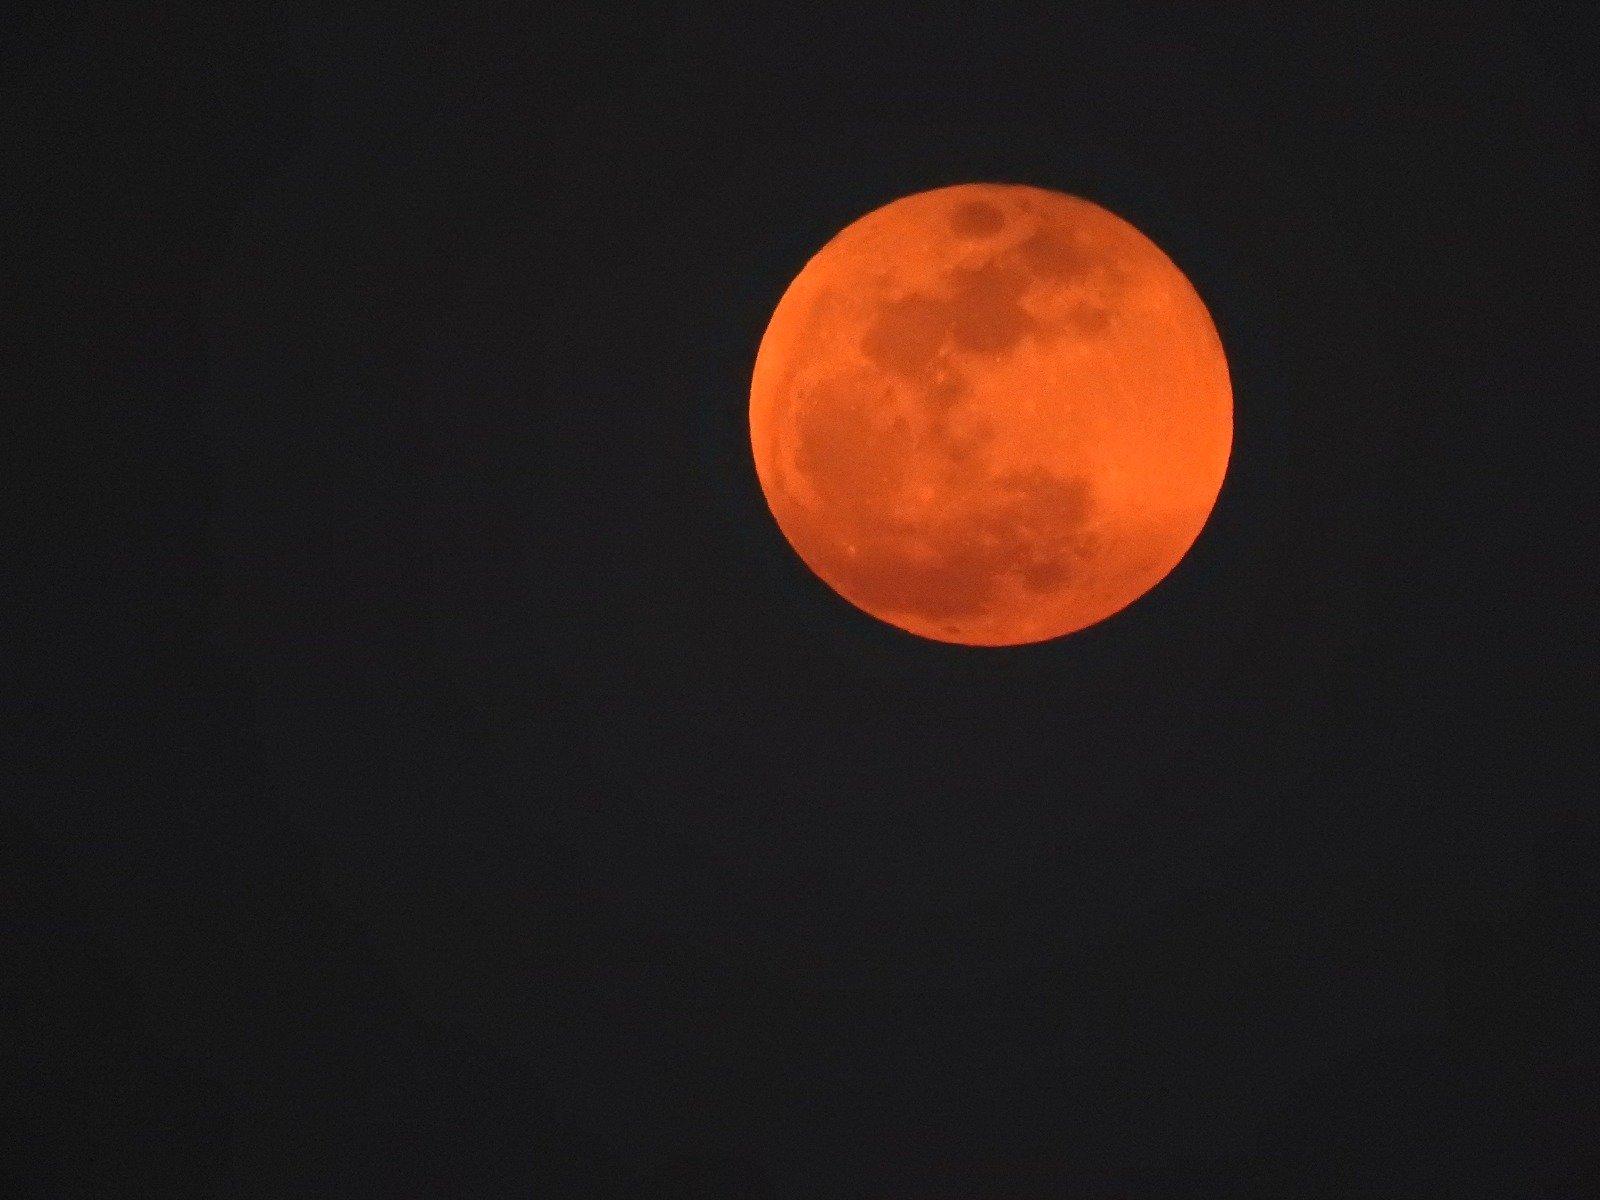 بالصور:  القمر الدموي الكبير في سماء بلادنا